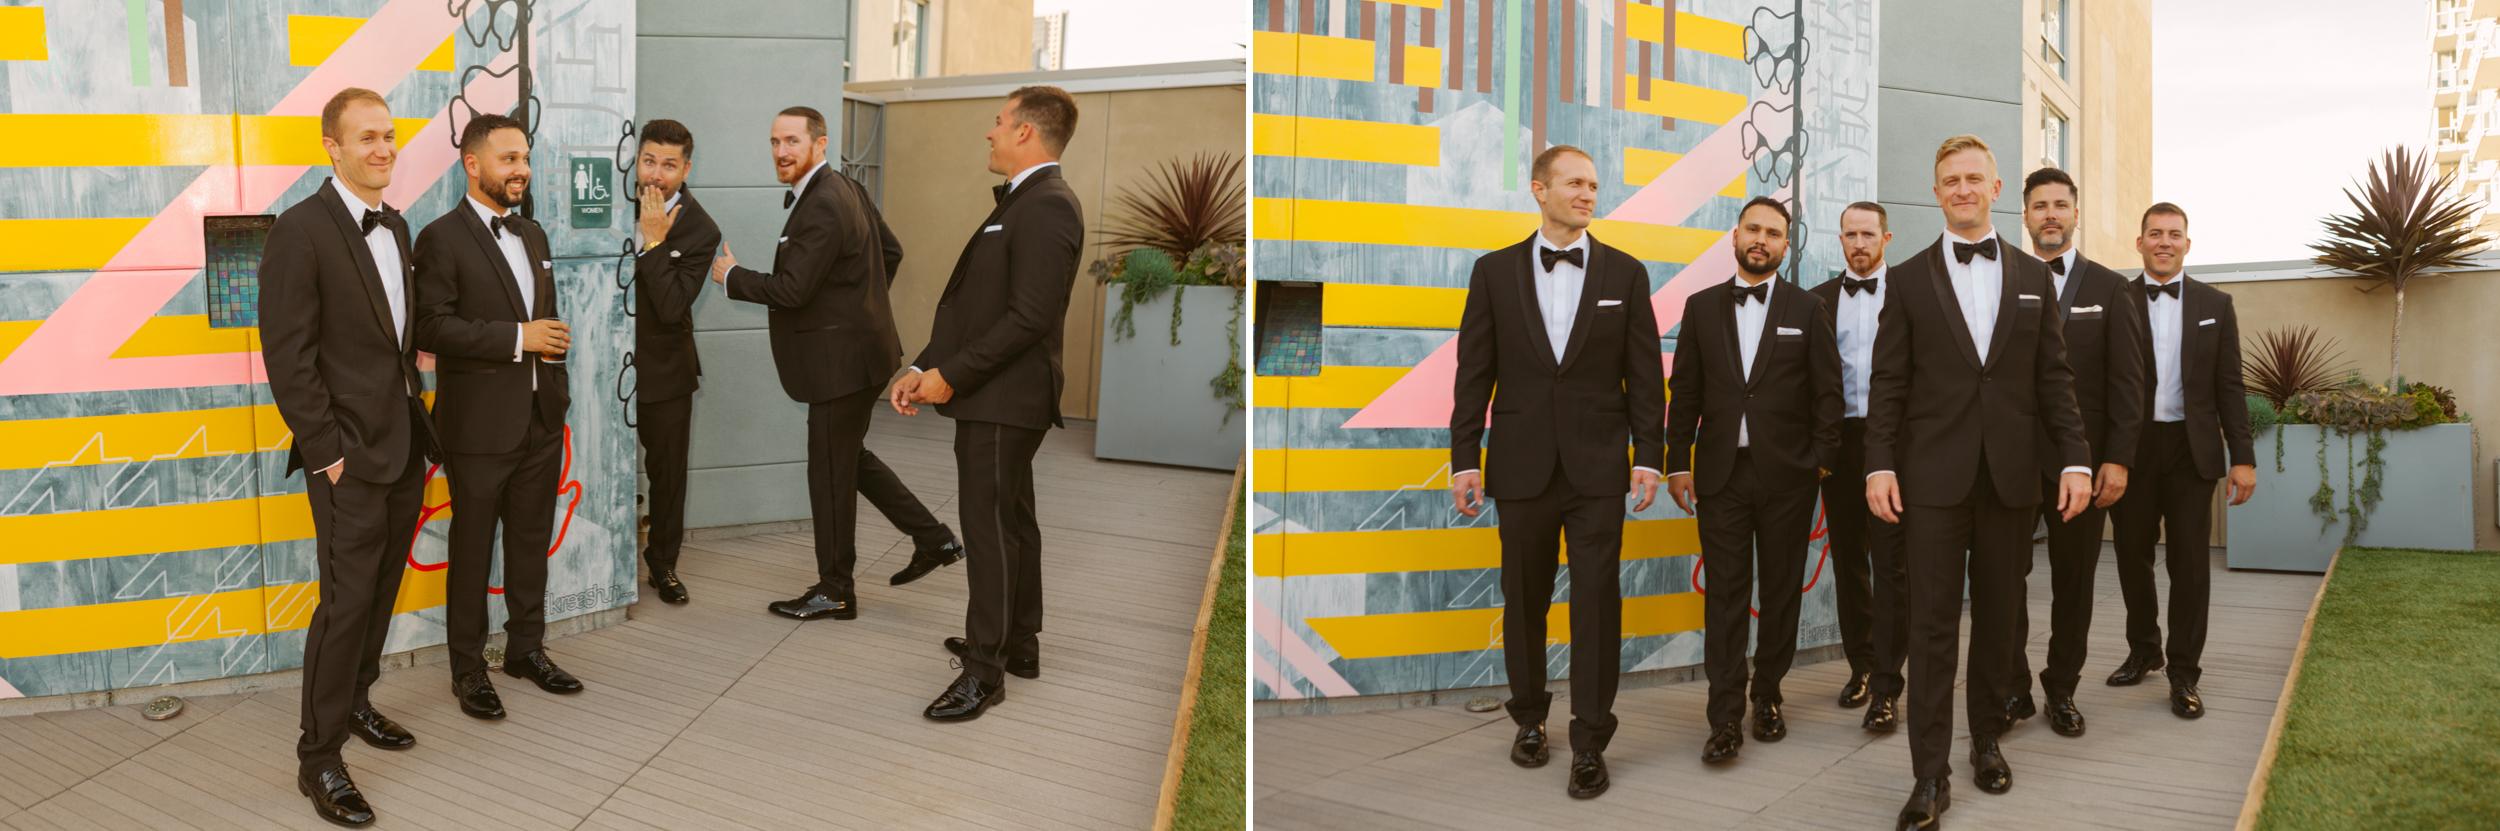 129THE.UNDERGROUND.ELEPHANT.Groomsmansuits.wedding.photography.shewanders.JPG